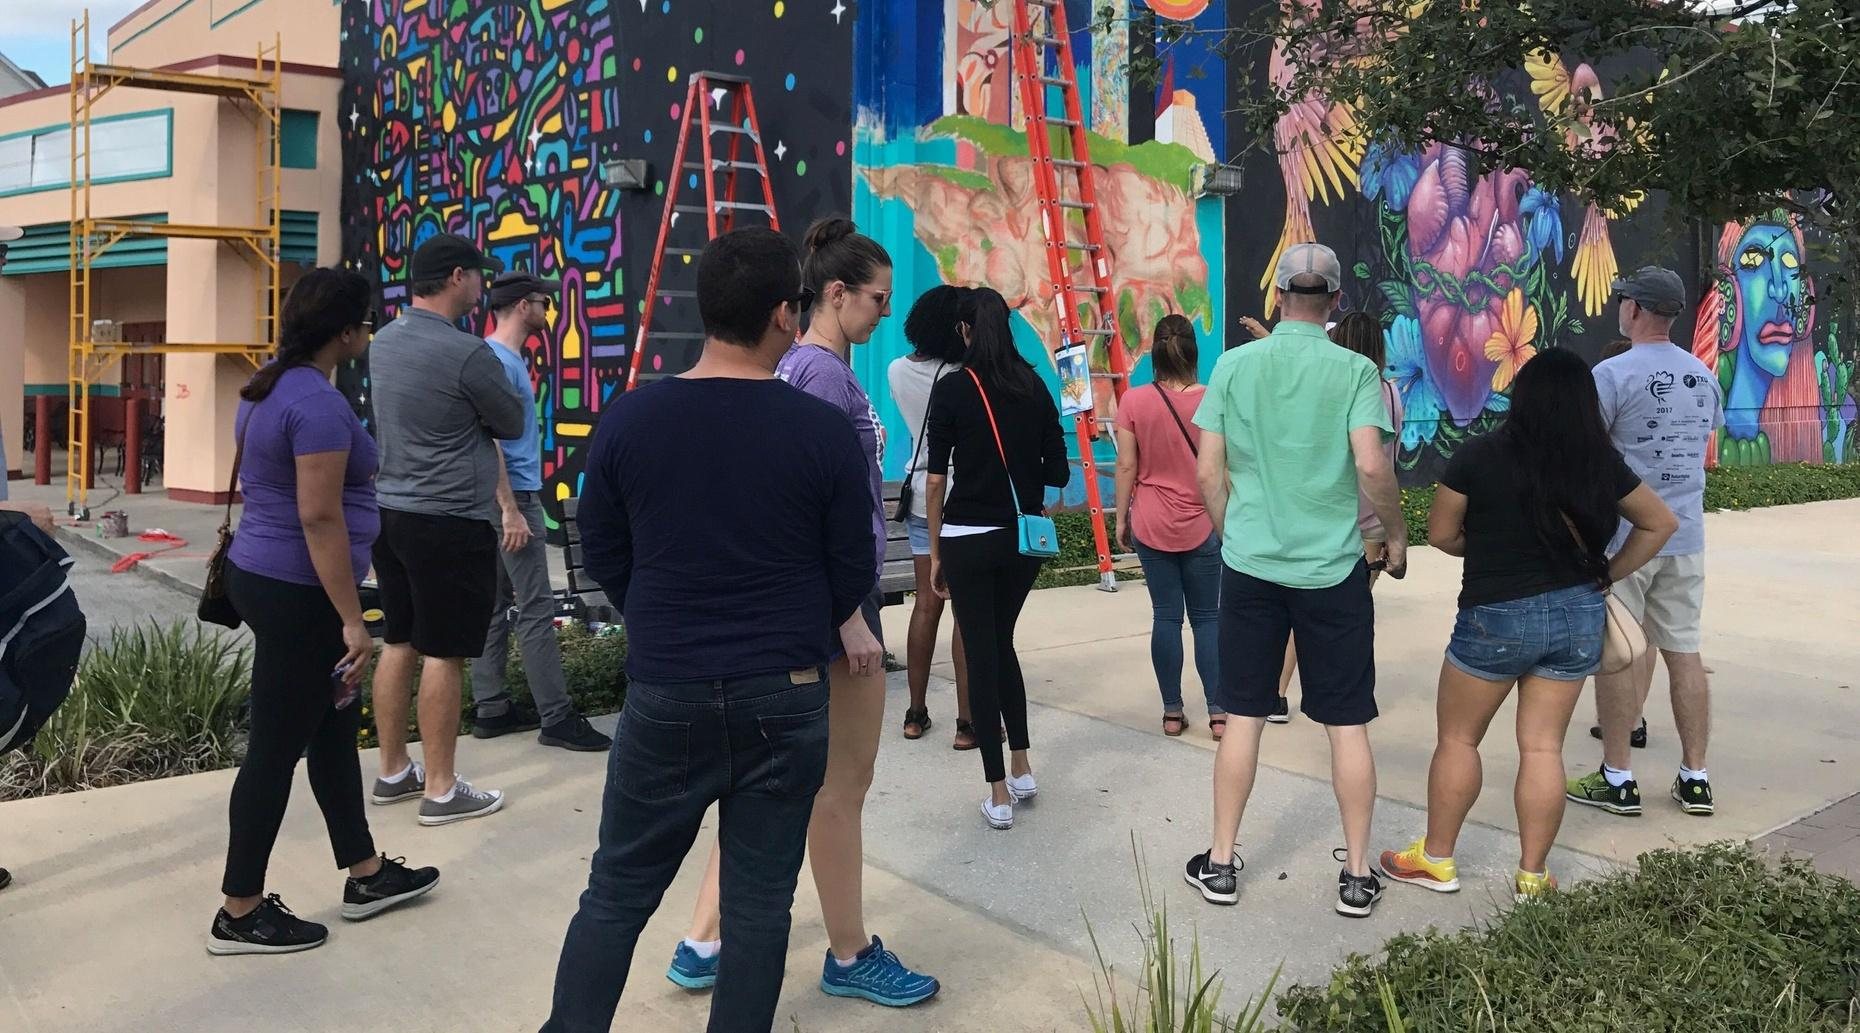 Street Art & Mural Tour in Houston